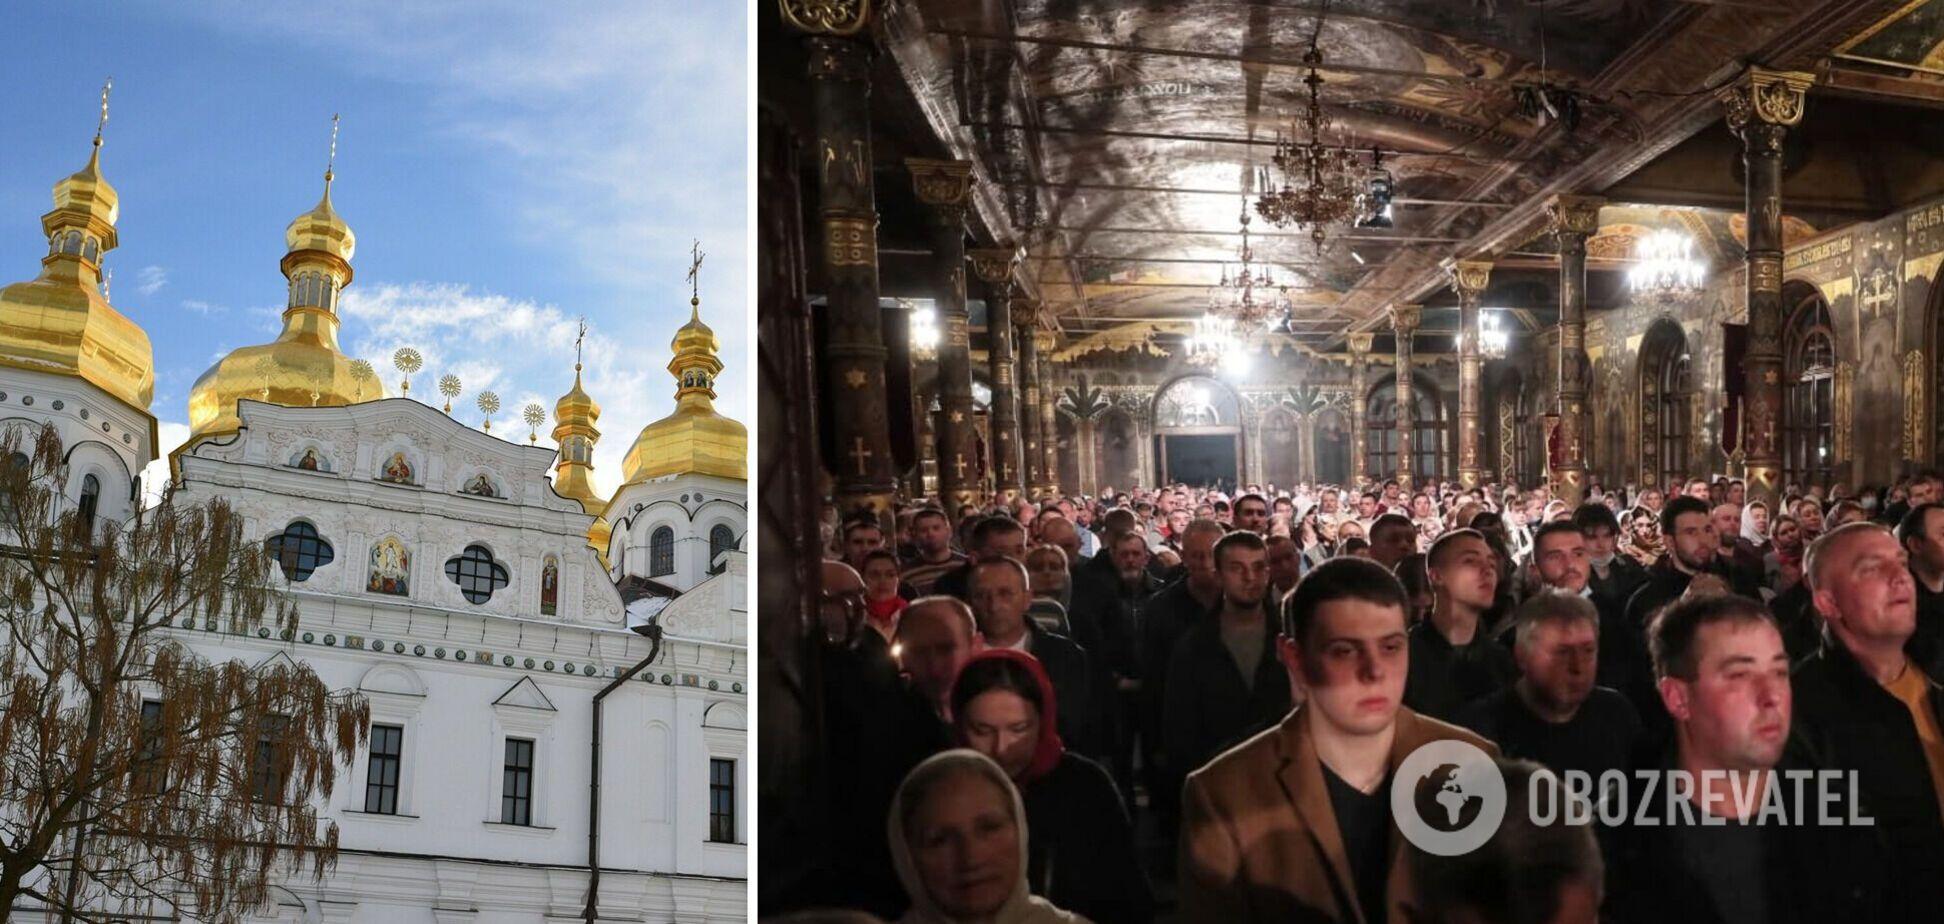 У Києво-Печерській лаврі парафіяни УПЦ МП масово порушували карантин. Фото